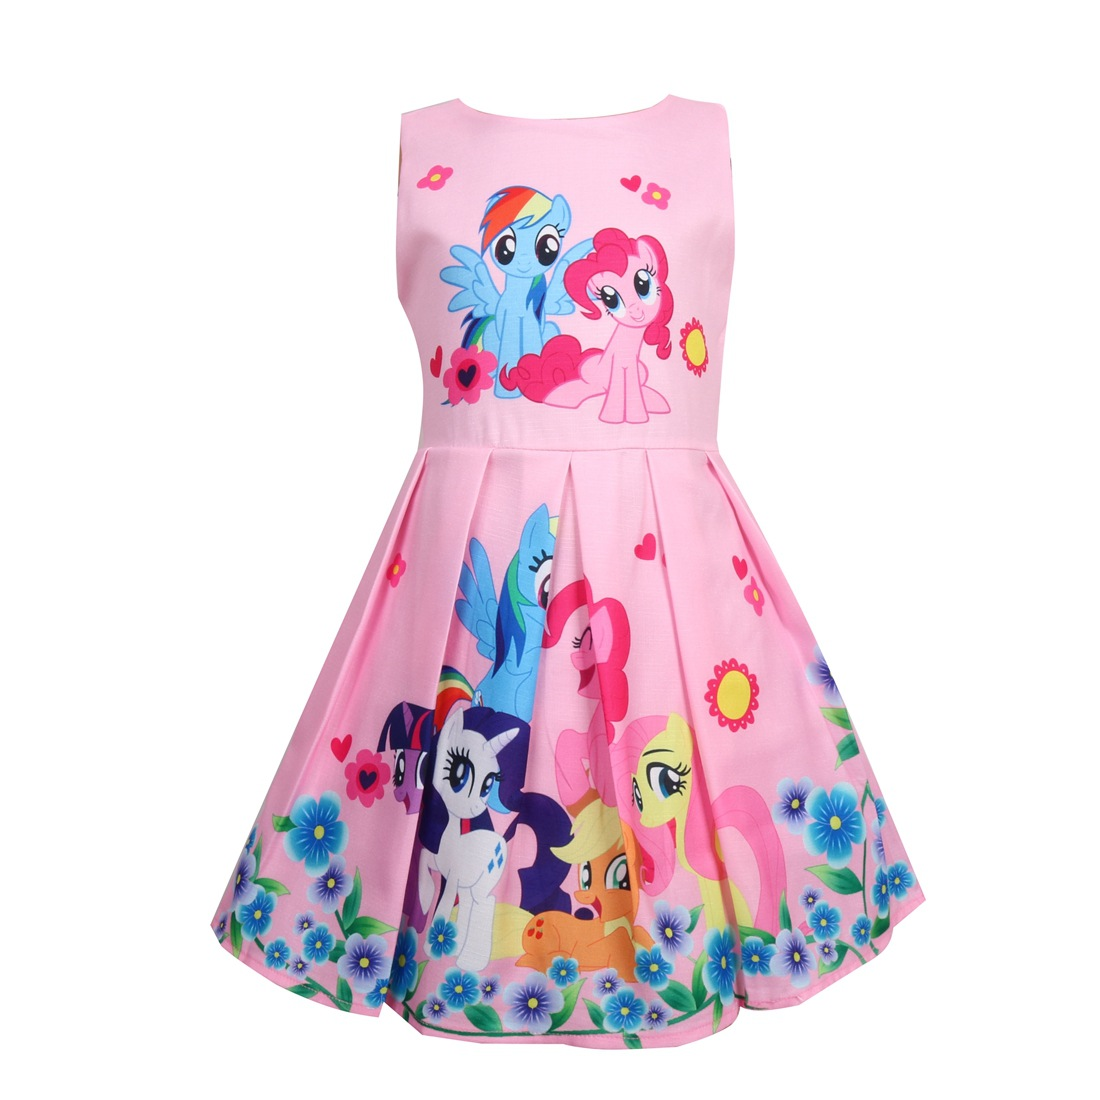 New Cute Girls Summer Dress Size 3